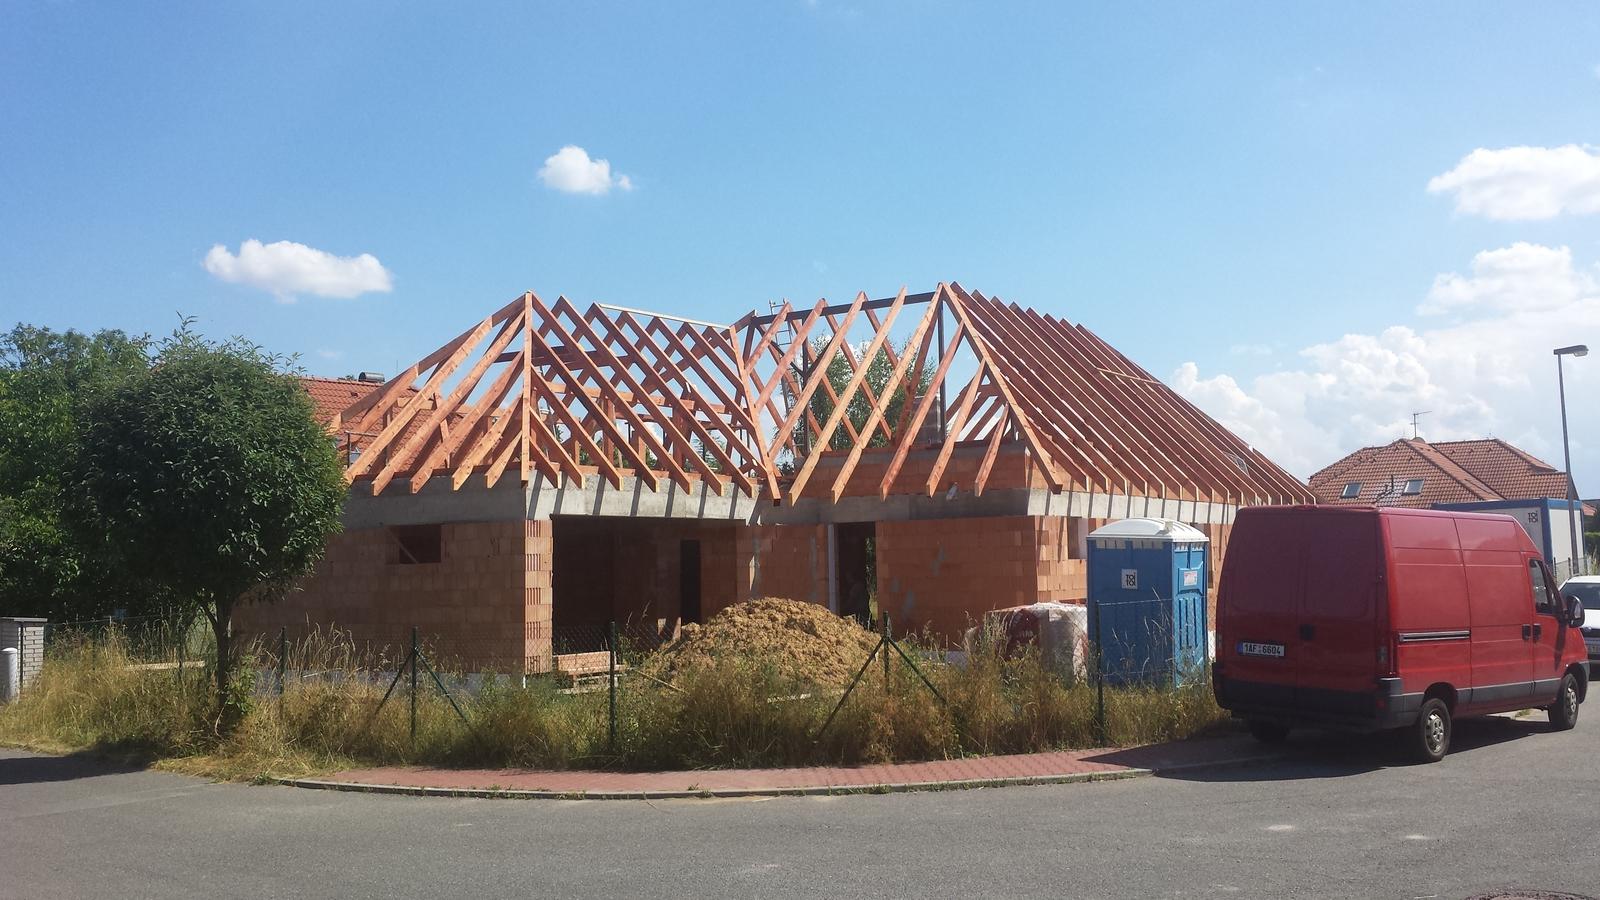 Tesařské práce, krovy střech, altány, dřevěné ploty, půdní vestavby